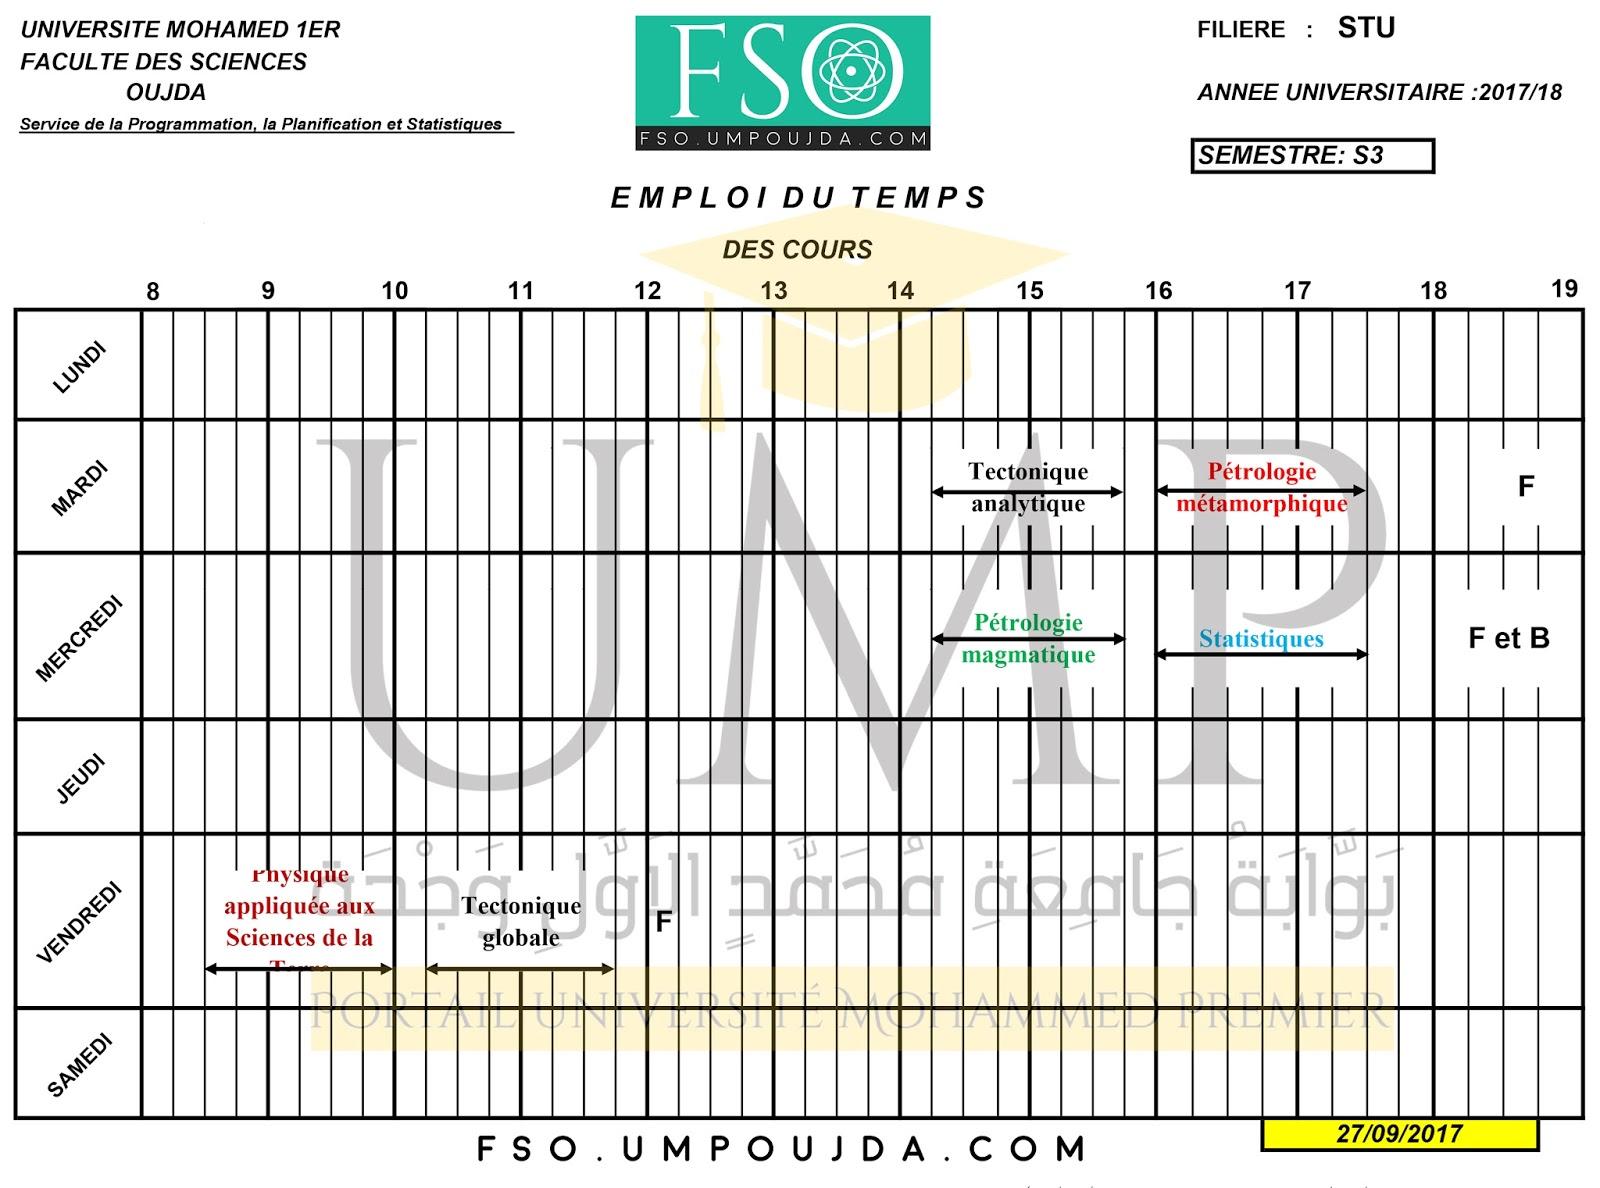 STU S3 : Emploi du temps Session Automne 2017/2018